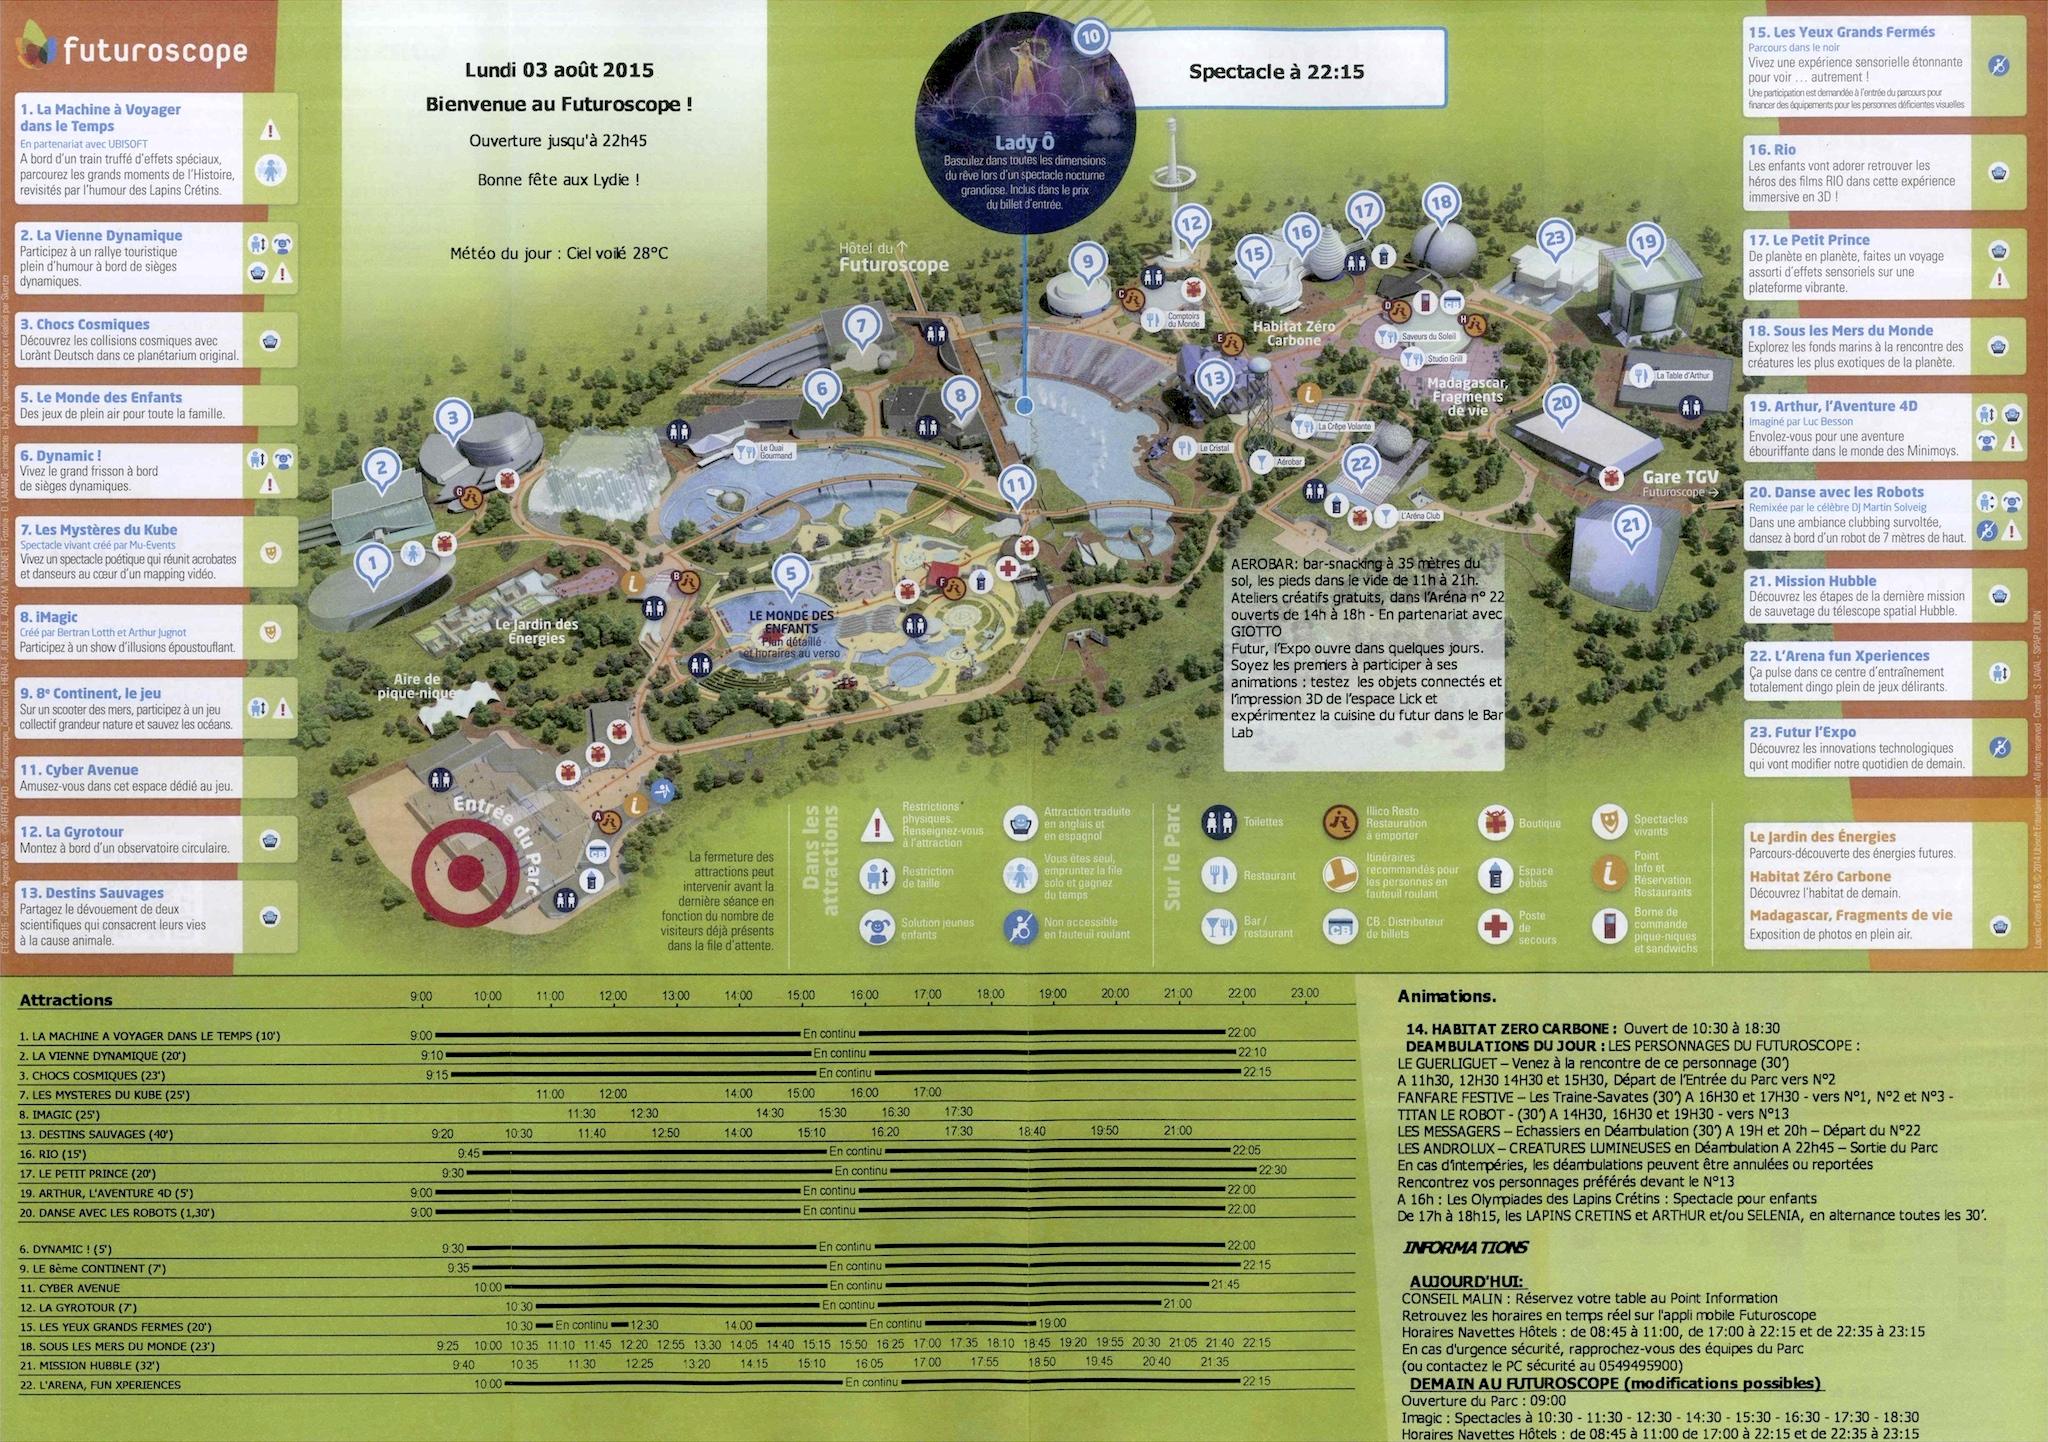 Plans de visite, signalétique et orientation - Page 24 15080312555112674413483656